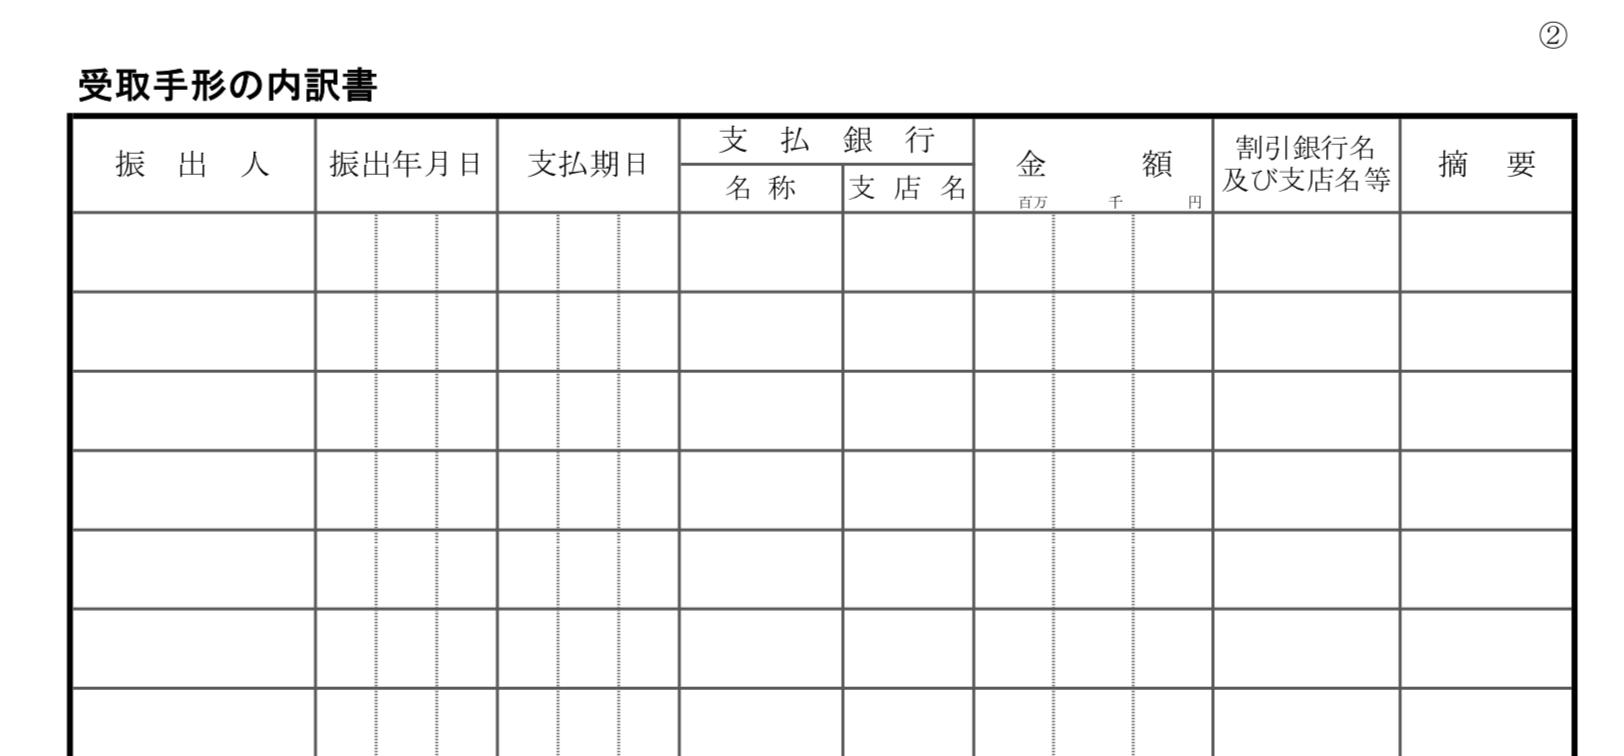 勘定科目内訳明細書の書き方(受取手形、支払手形)